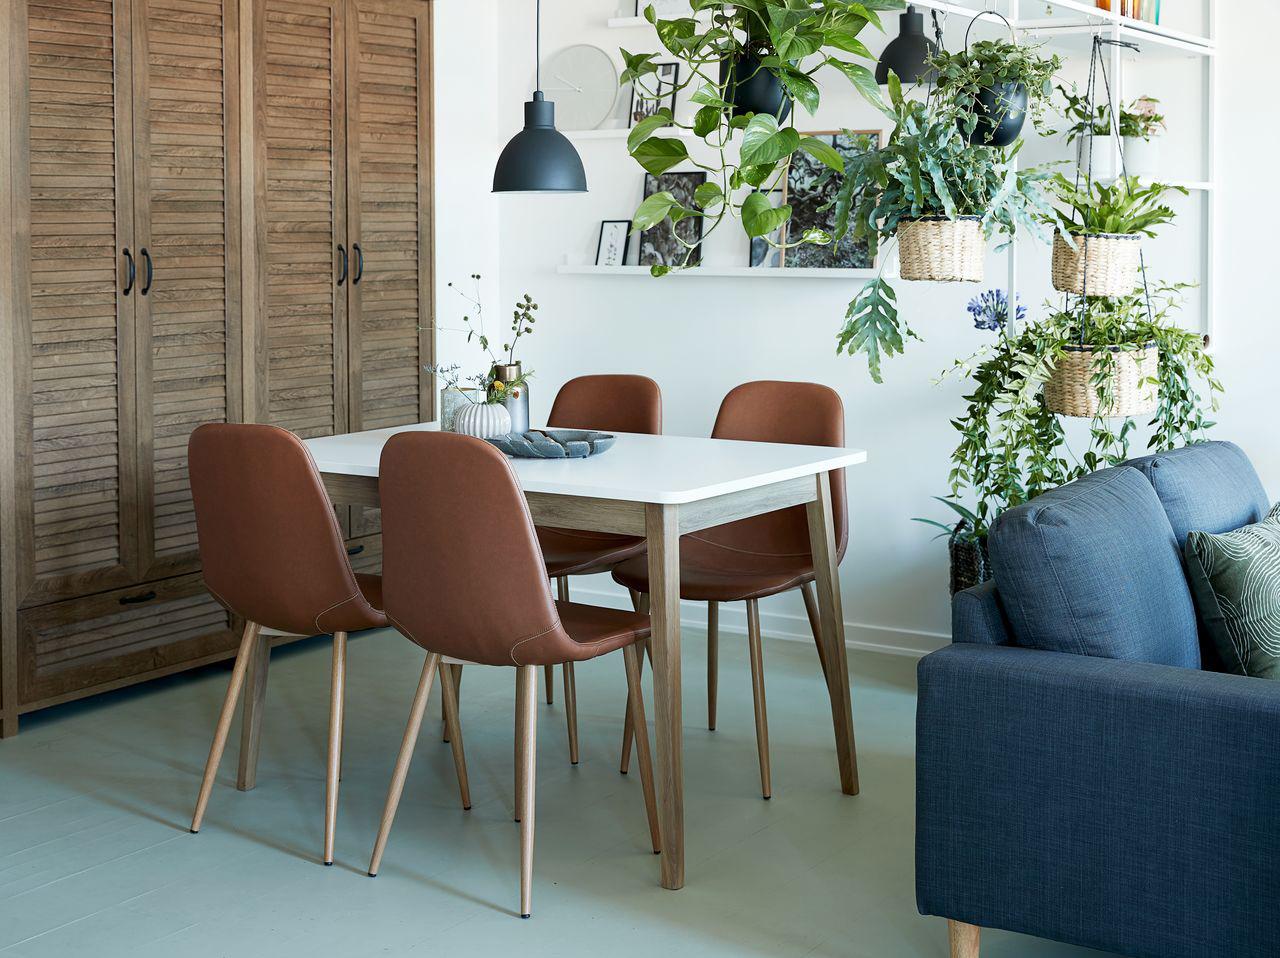 Veel planten en hout in je interieur met de woontrend 2019 Human Nature.